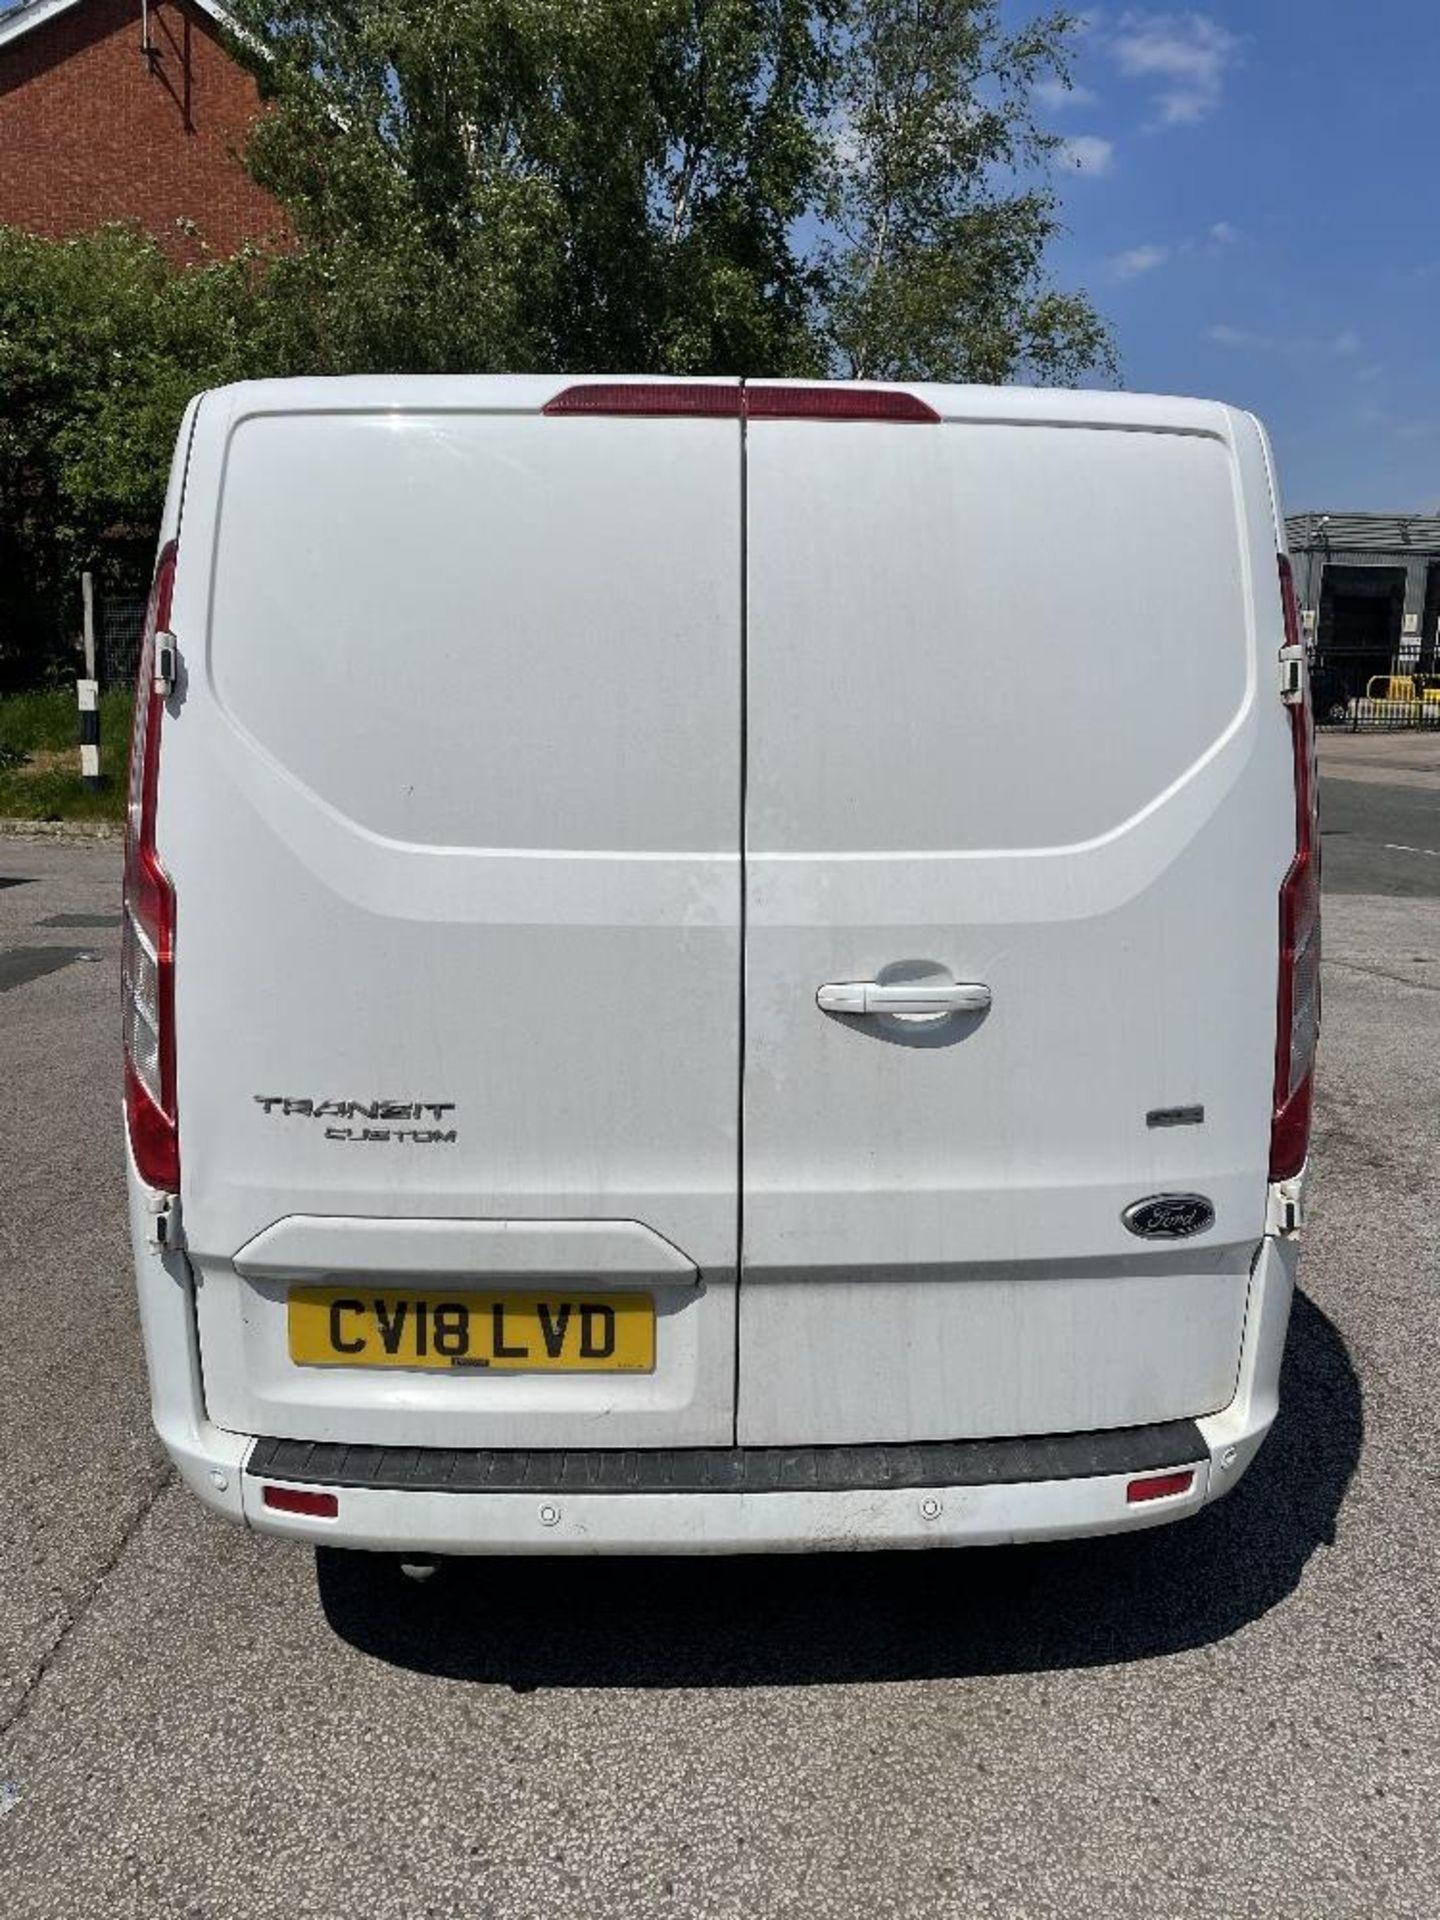 Ford Transit Custom 300 Limite Diesel Panel Van | 18 Plate | 35,672 Miles - Image 5 of 15